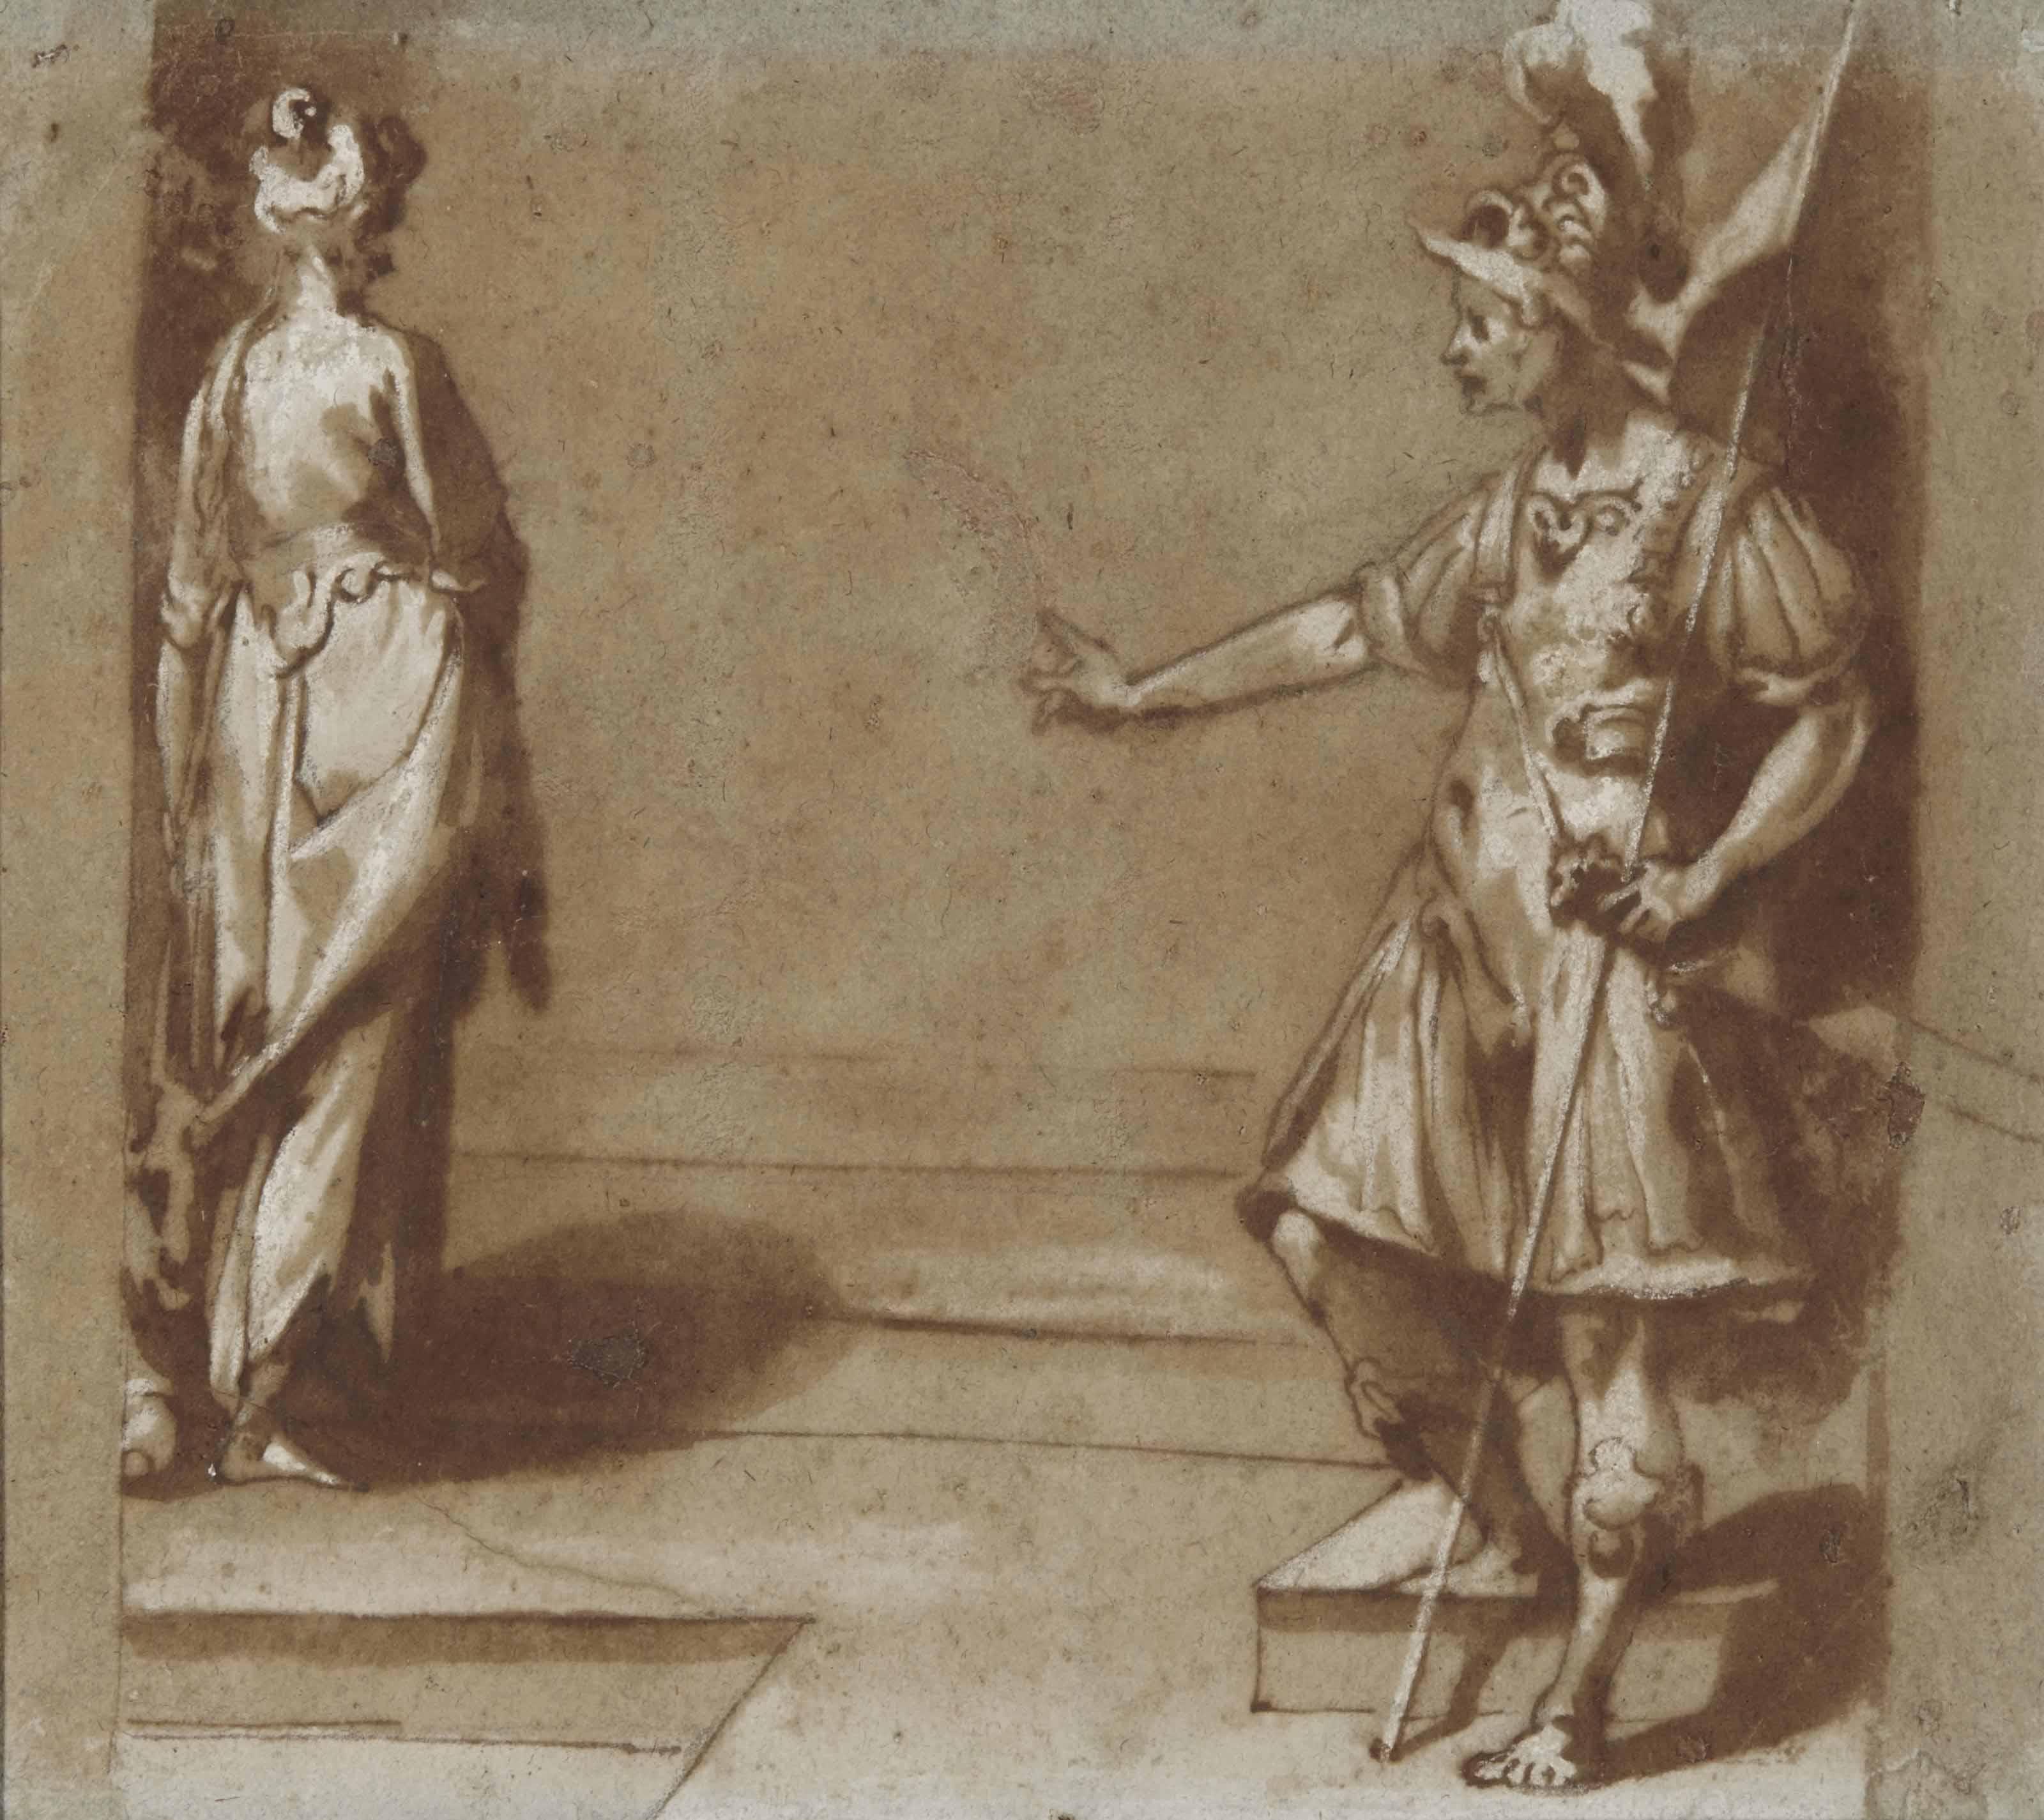 Soldat montrant du doigt une femme